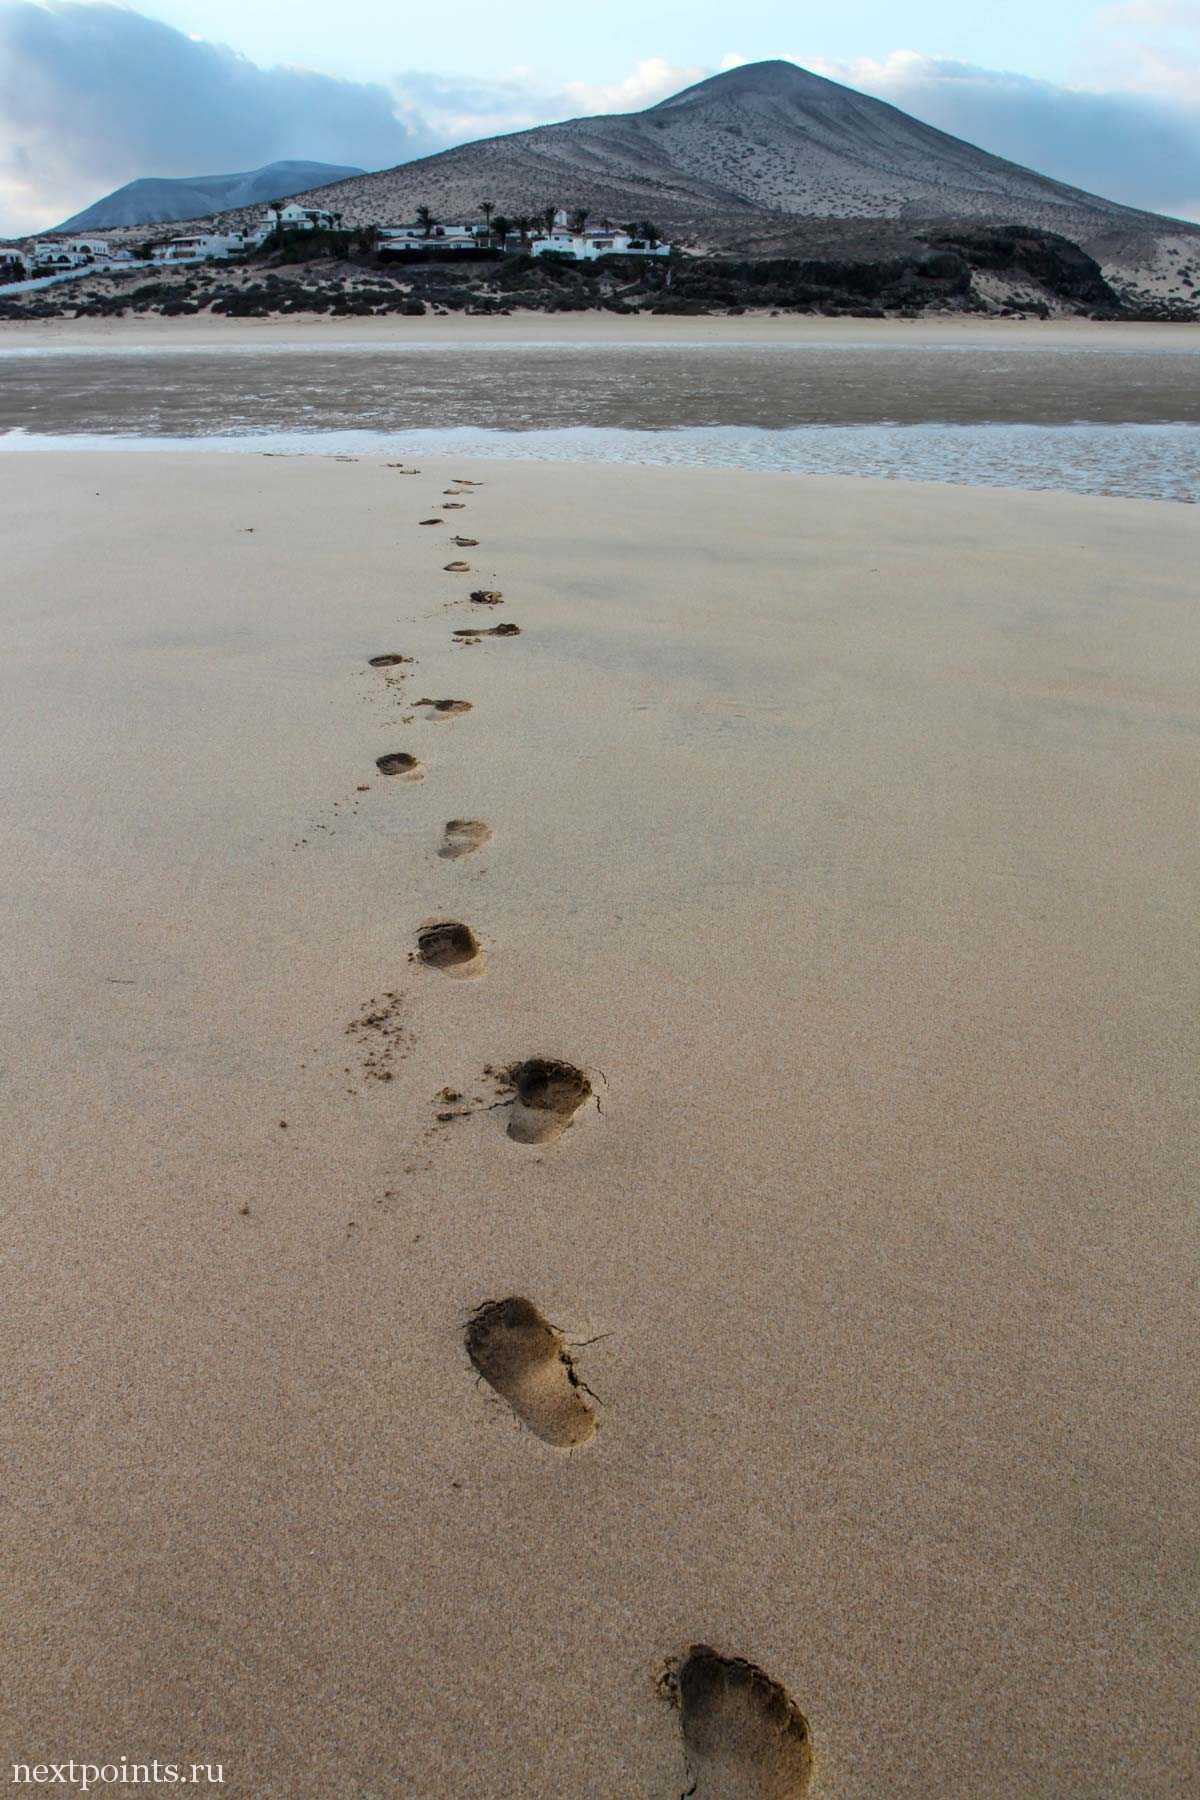 Следы на песке на пляже